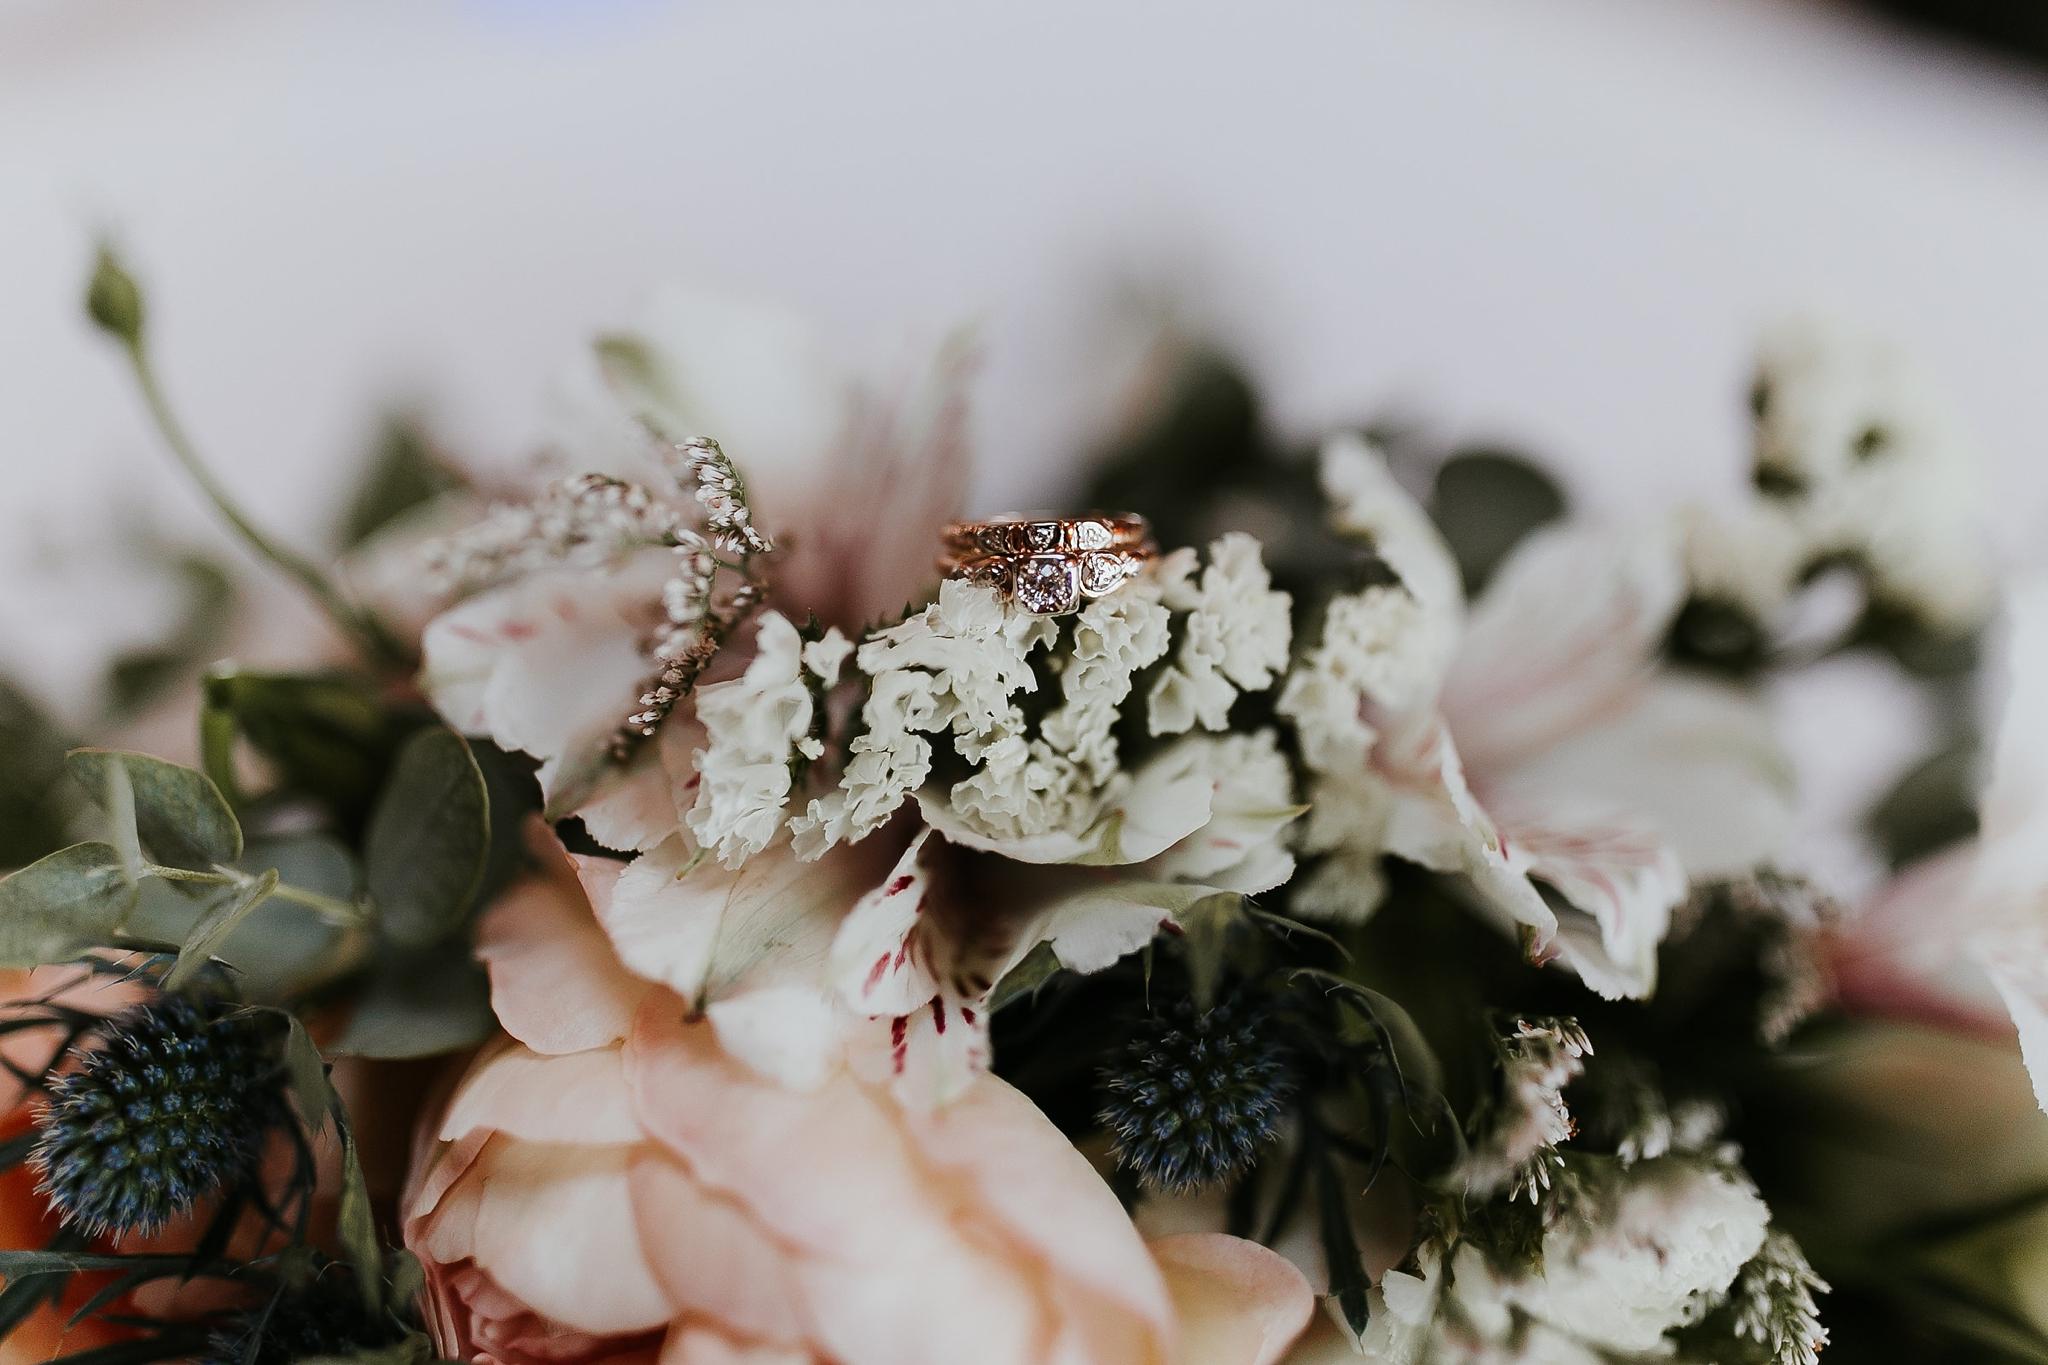 Alicia+lucia+photography+-+albuquerque+wedding+photographer+-+santa+fe+wedding+photography+-+new+mexico+wedding+photographer+-+new+mexico+wedding+-+summer+wedding+-+summer+wedding+florals+-+southwest+wedding_0119.jpg